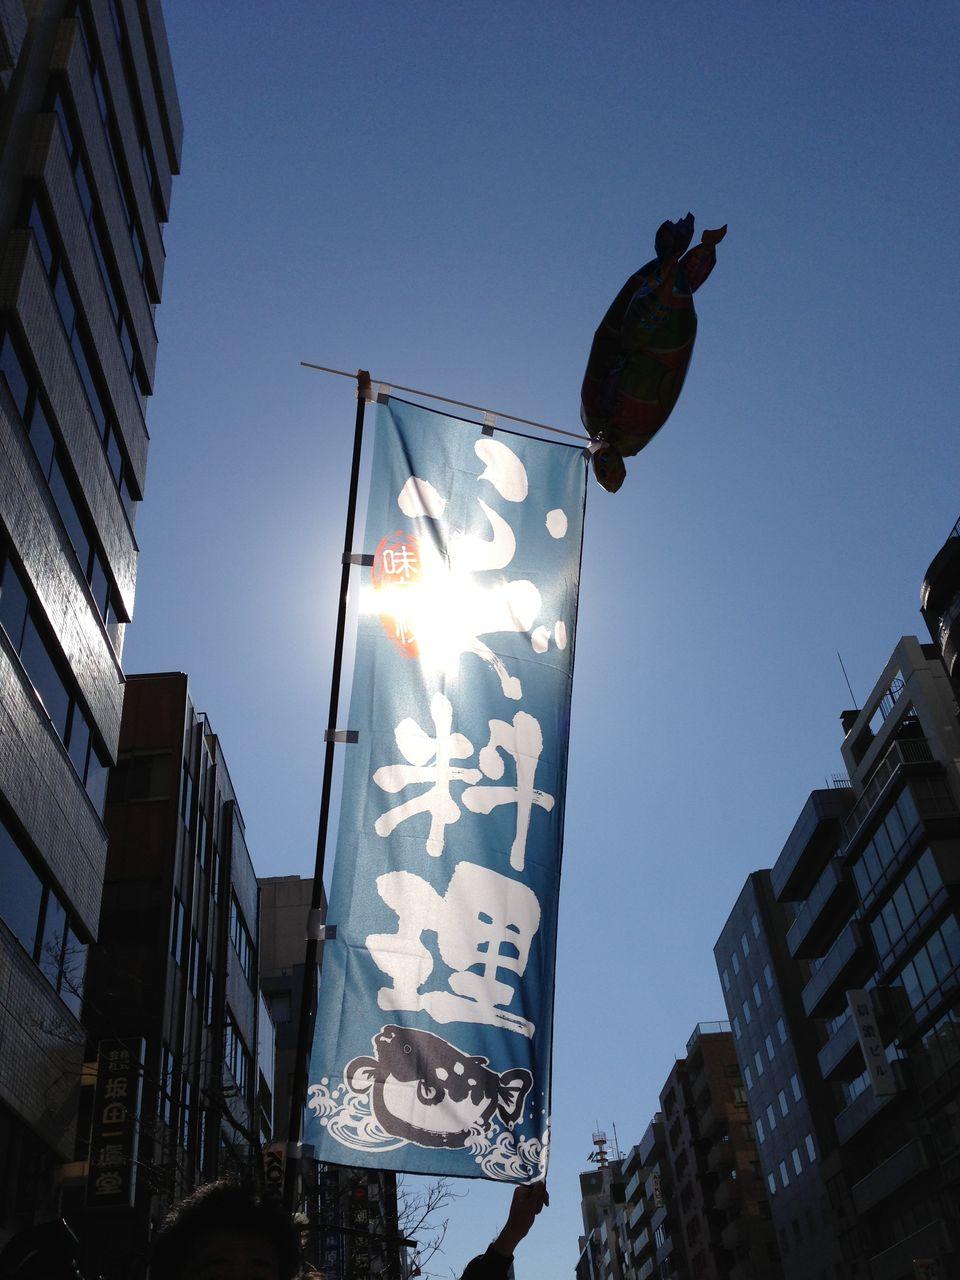 東京マラソン 応援で目立つ のぼり旗